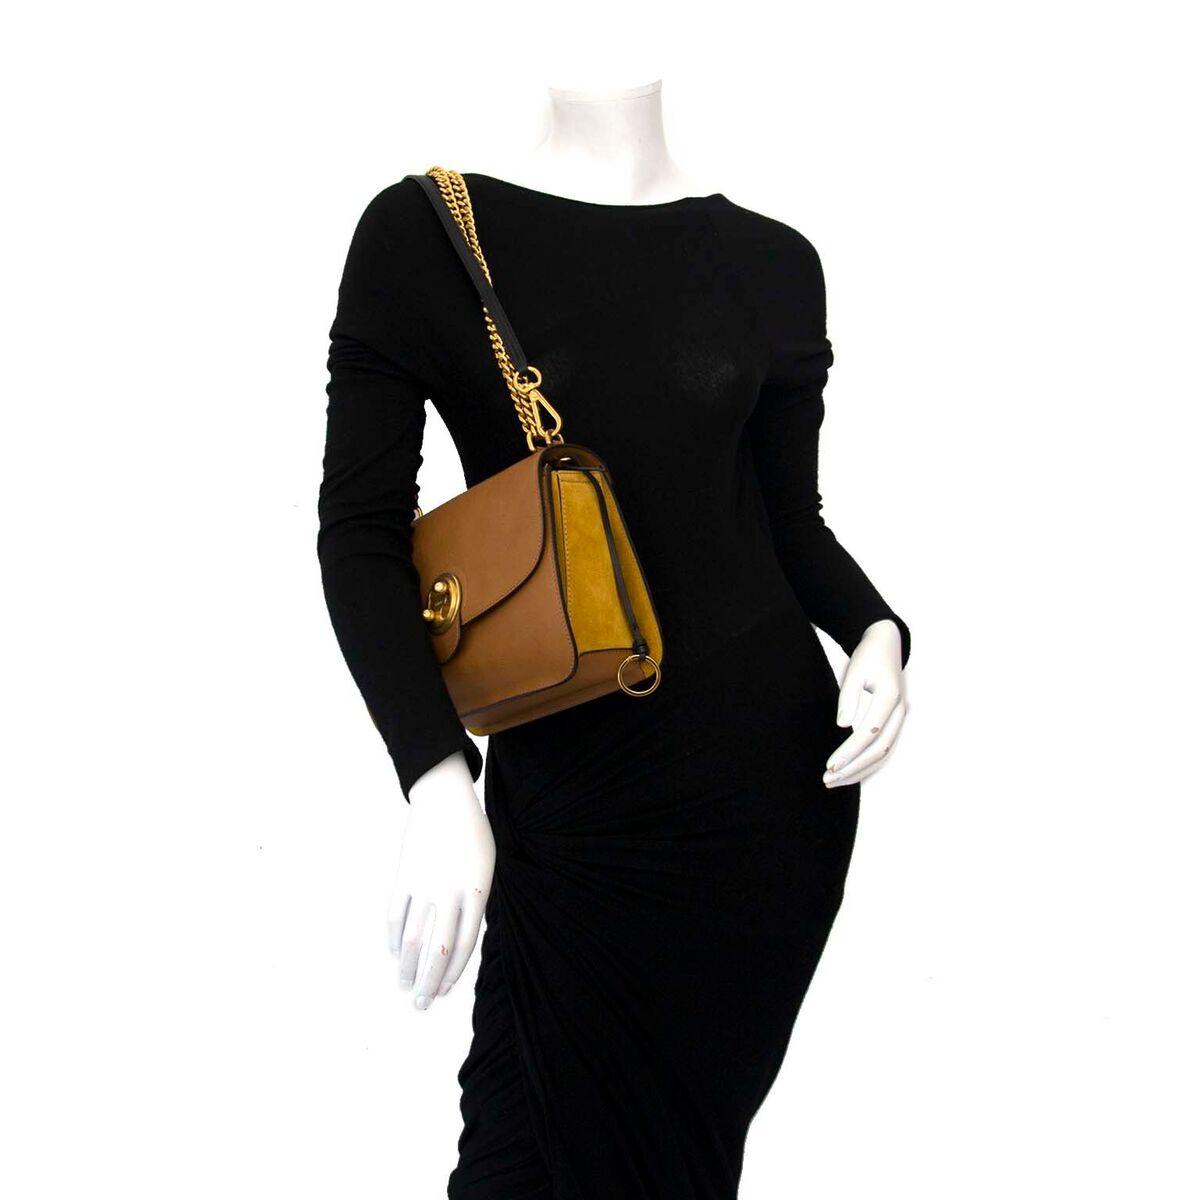 1ea6652de9 Safe Koop authentieke tweedehands Chloé tas aan een eerlijke prijs bij  LabelLOV. Veilig online shoppen.